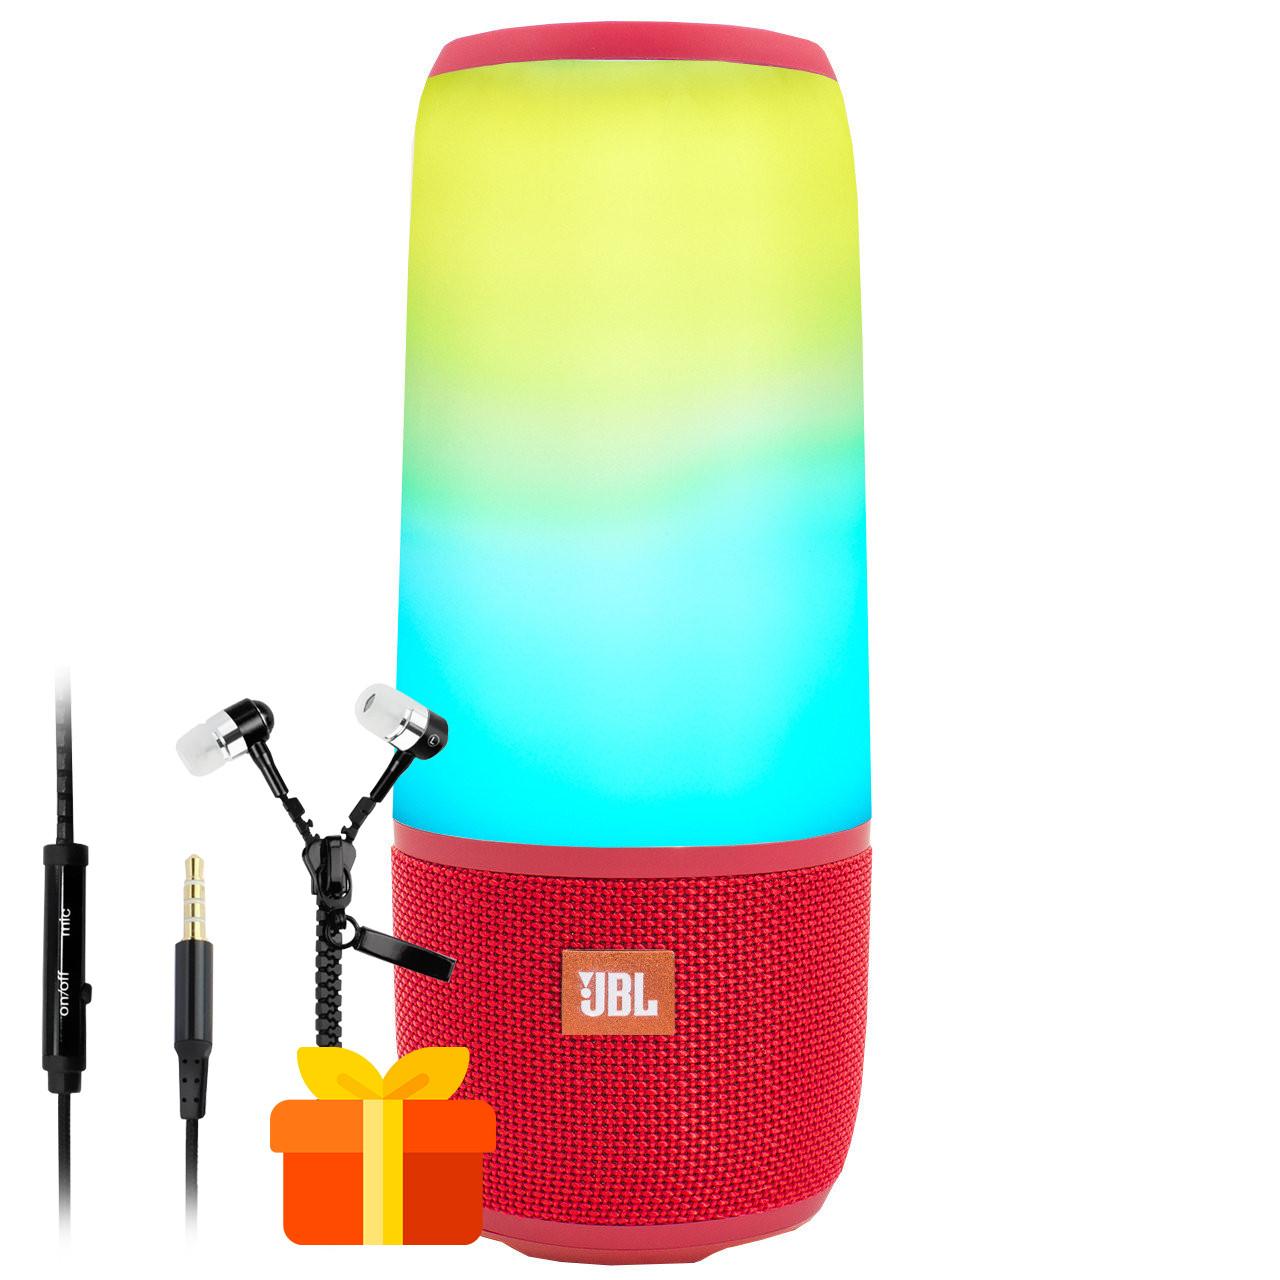 ★Колонка BL JBL Pulse Р3 Red с подсветкой Bluetooth громкая связь стерео звук беспроводная